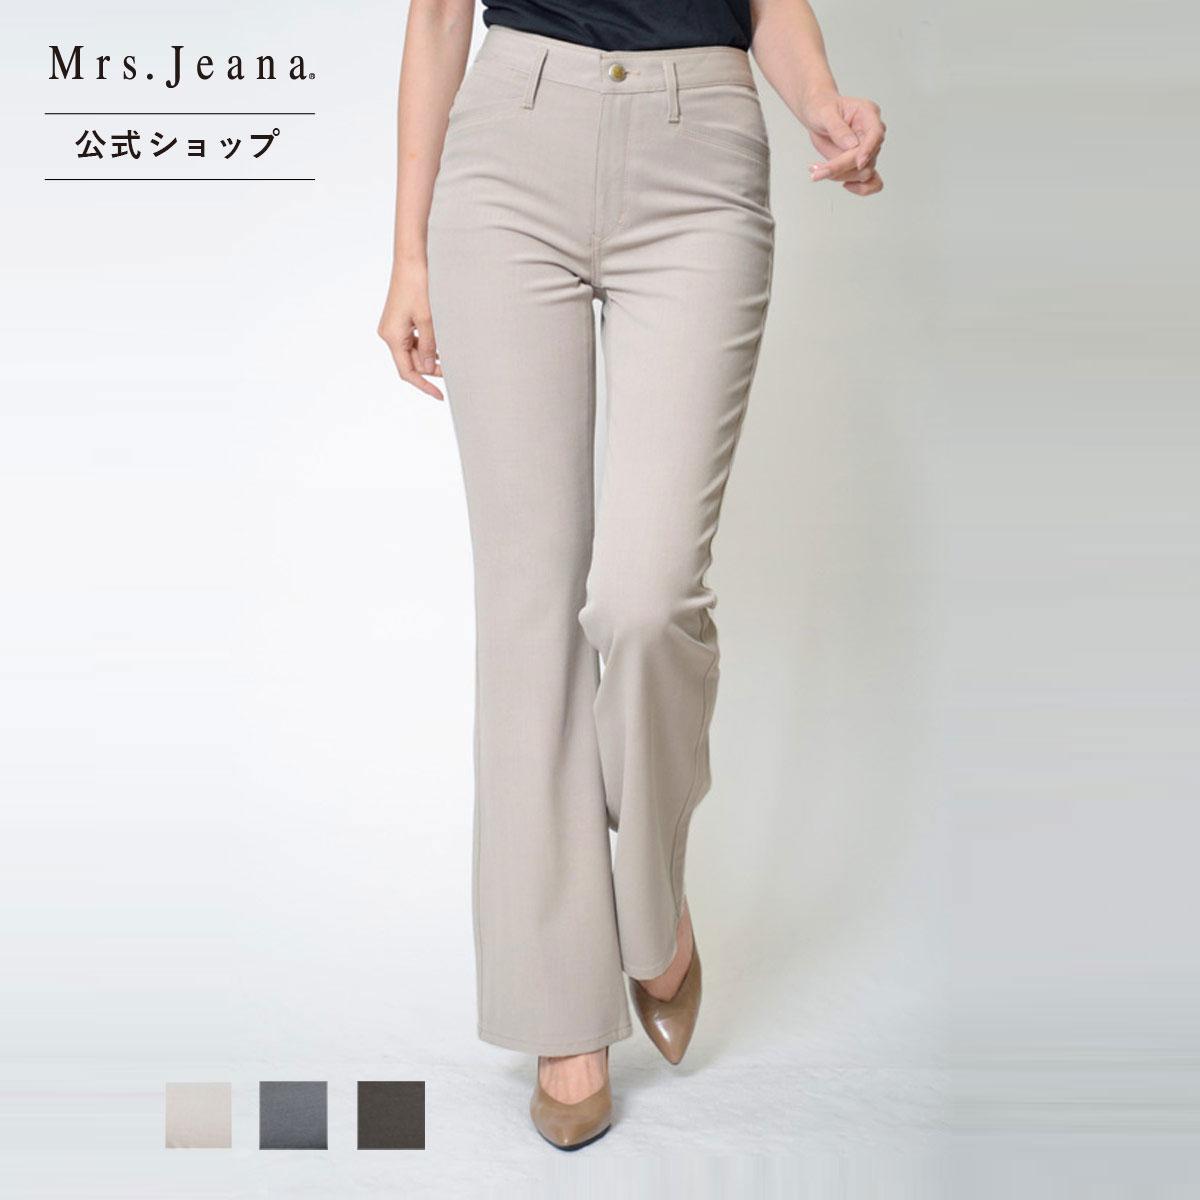 Mrs.Jeana GOLD タテヨコストレッチブーツカット ◆レディース◆ size 58-73 GM3623